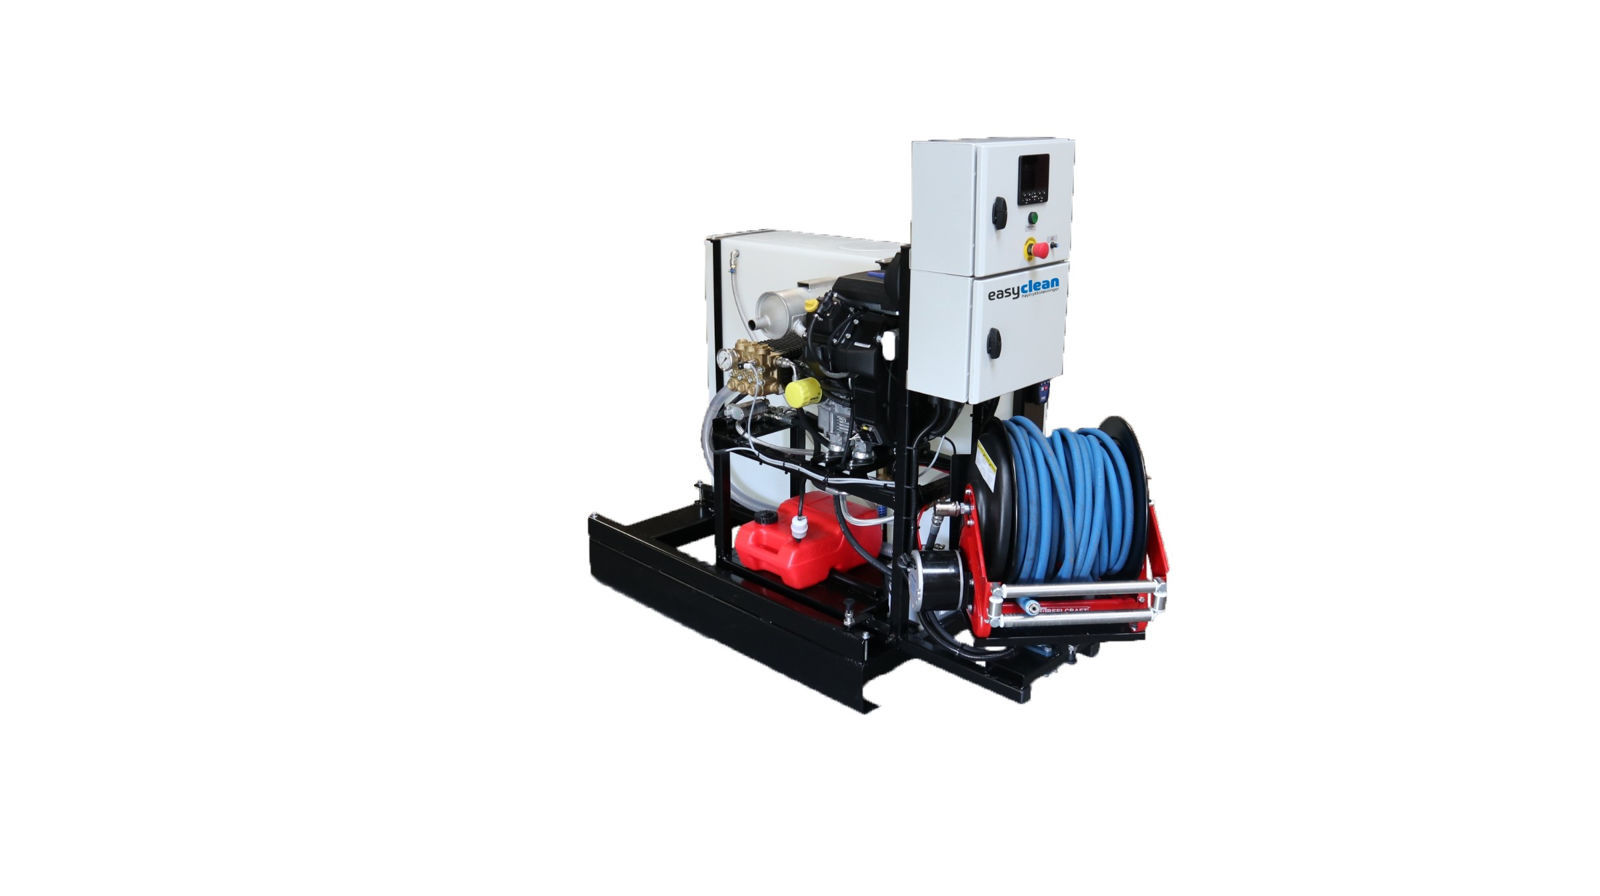 ke/Easyclean 150bar-50ltr/min -KSP1550st..1.0.b.0.g kloakkspyler med manuell  tromel-inkl. fjernstyring-liten elstyring- bensin